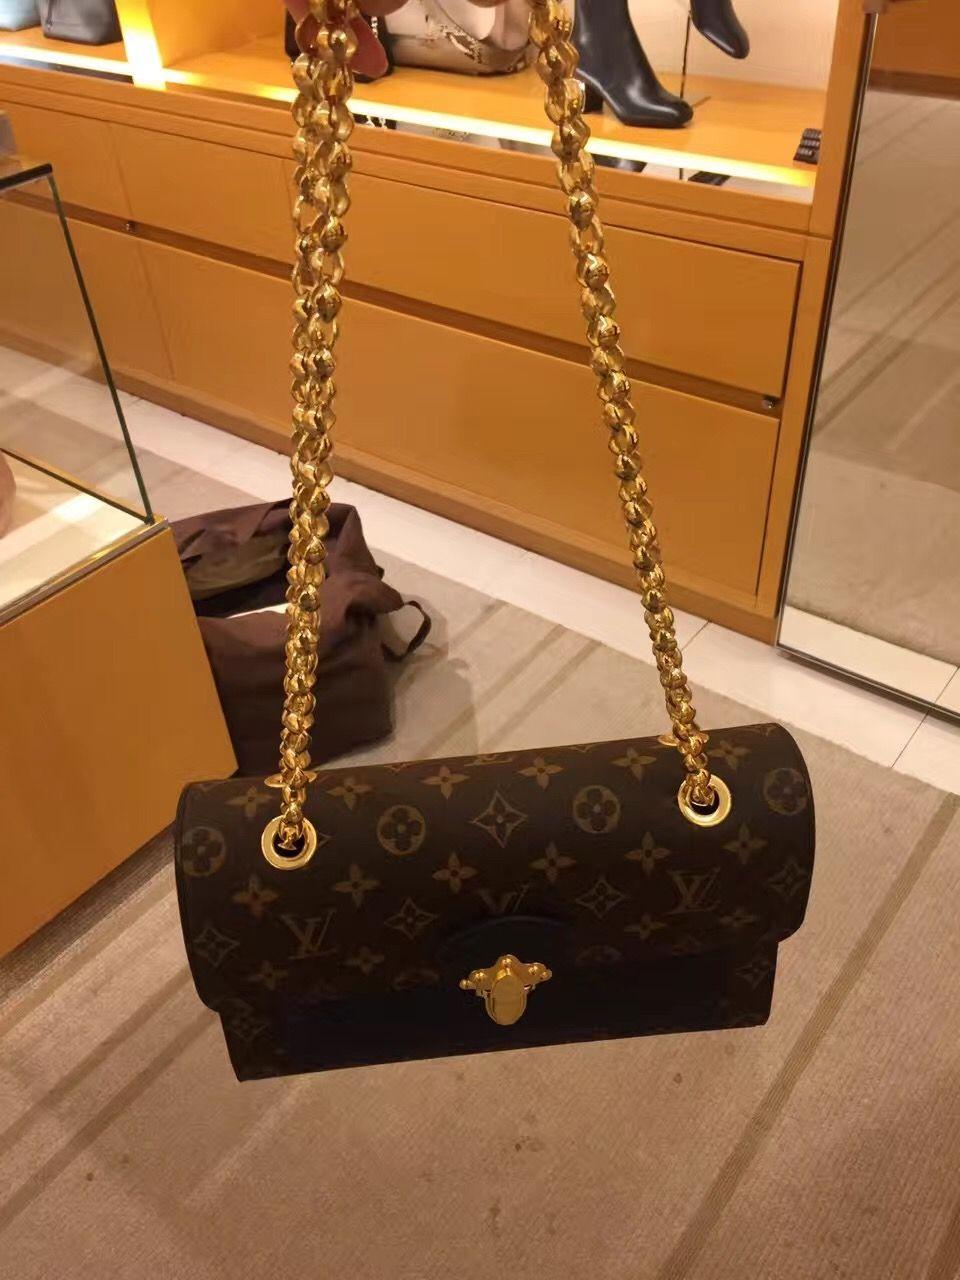 6b8f7cf595c0 Louis Vuitton Victoire Shoulder Bag M44038 9AH  louisvuittonVictoire   victoire